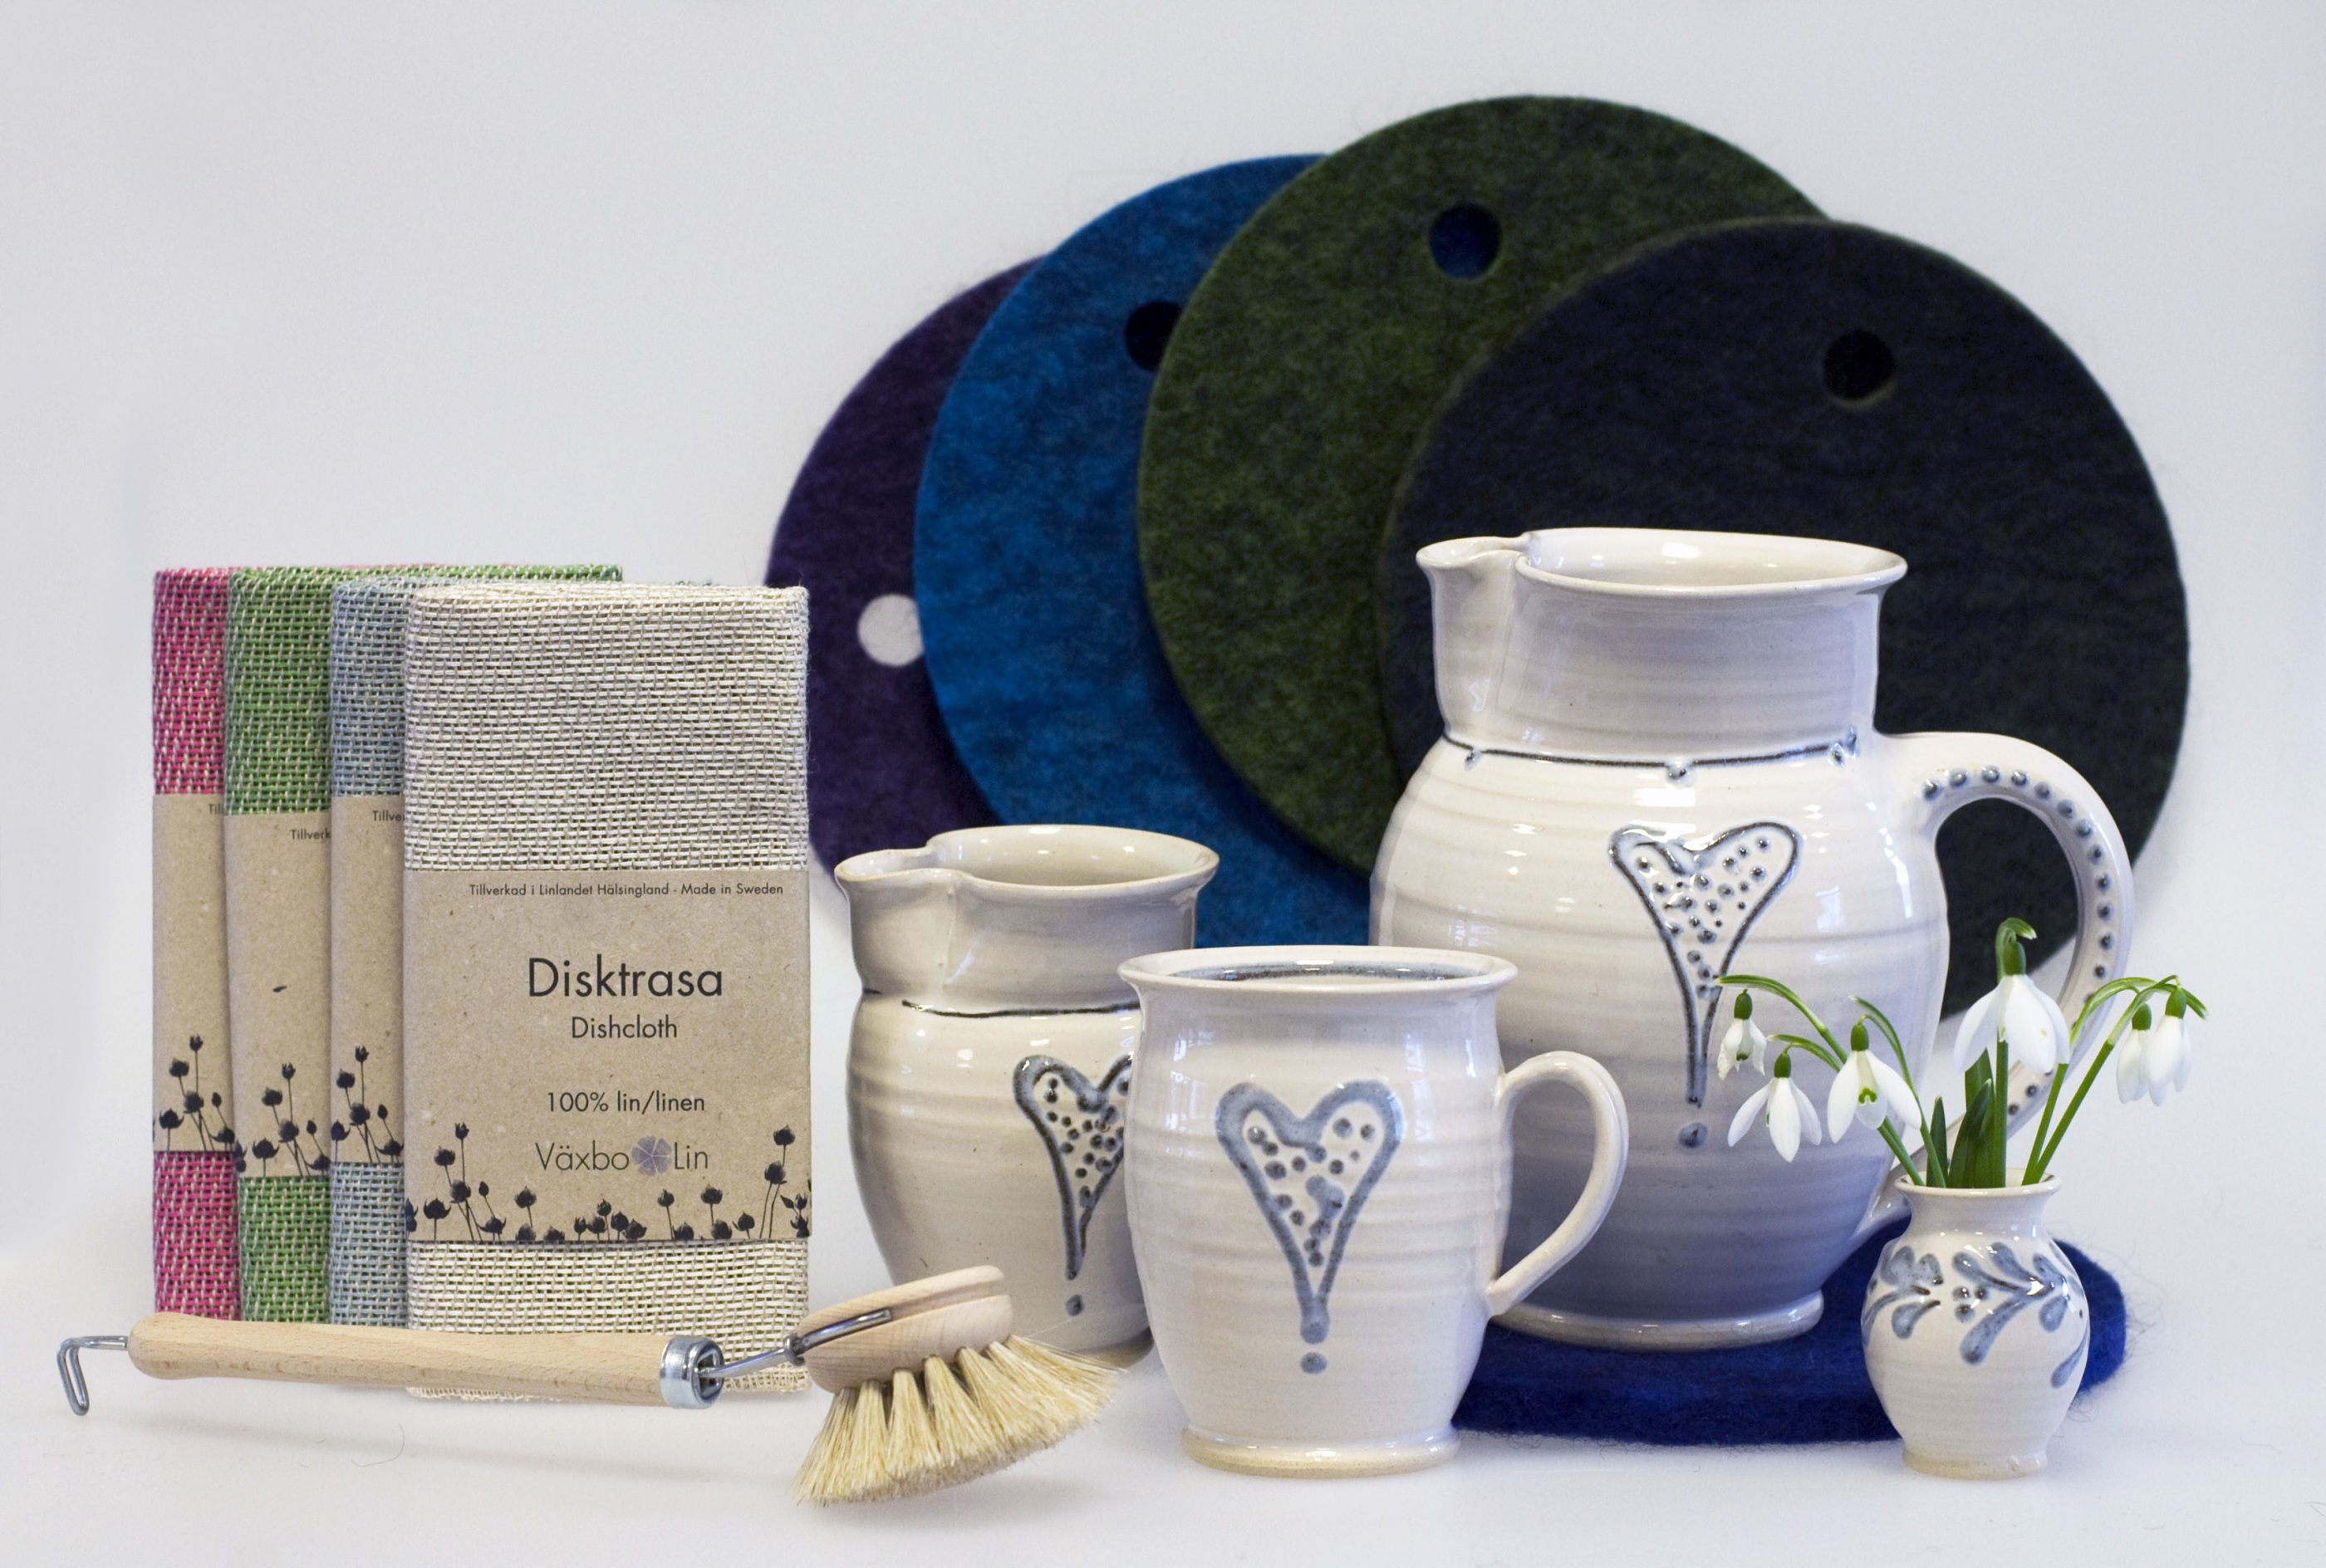 diskborste keramik